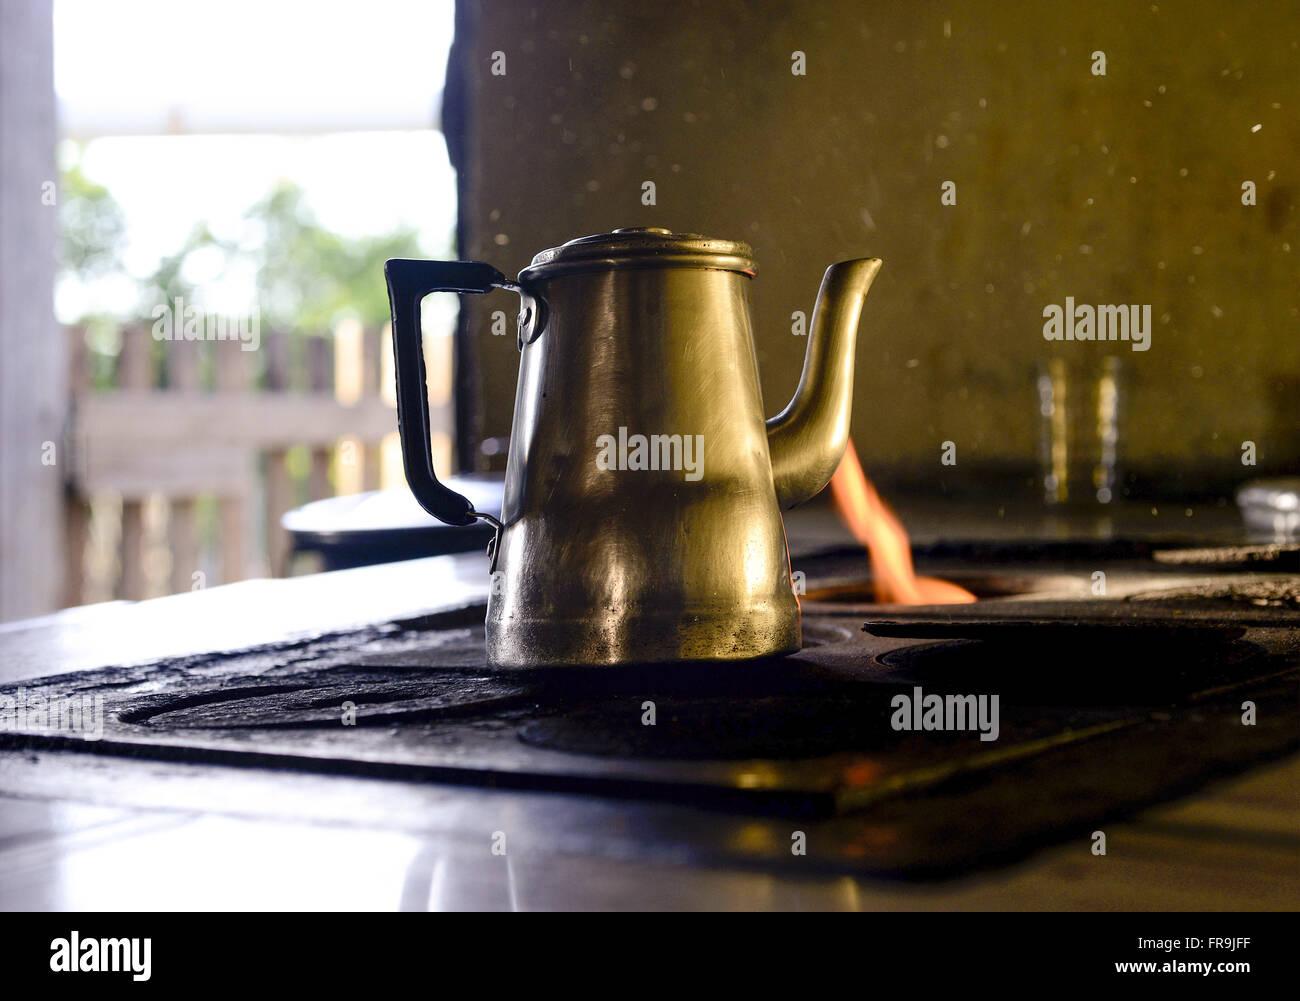 Teapot on wood stove - region of Jararaca - Stock Image